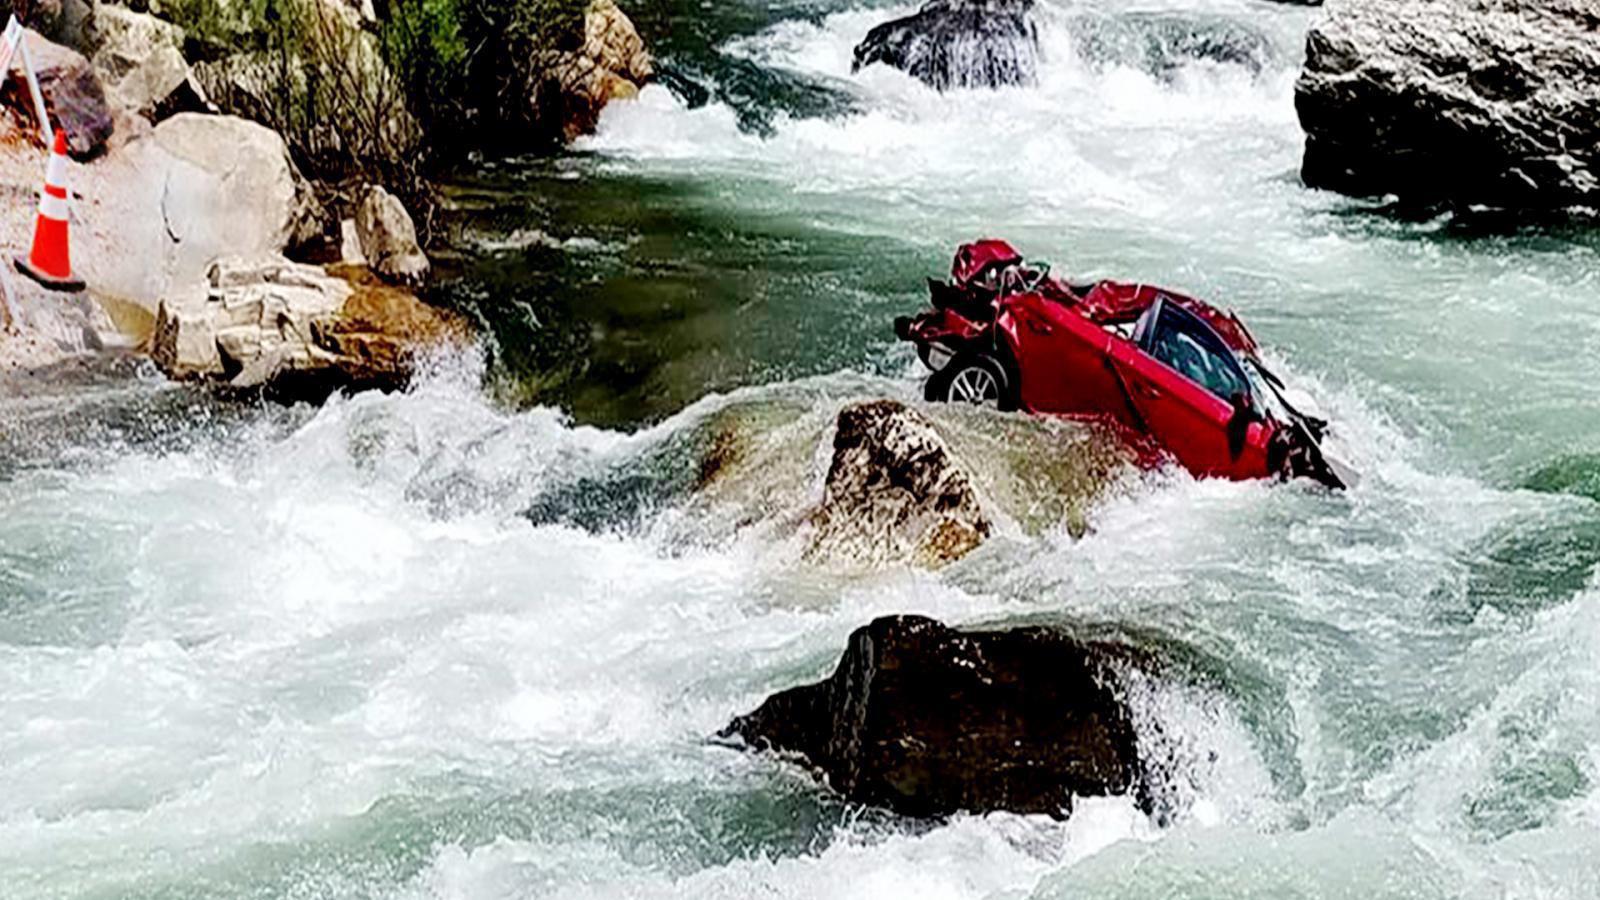 ระดับน้ำเพิ่มเลื่อนอีก 1 สัปดาห์กู้ซากรถ 2 นักศึกษาตกเหว